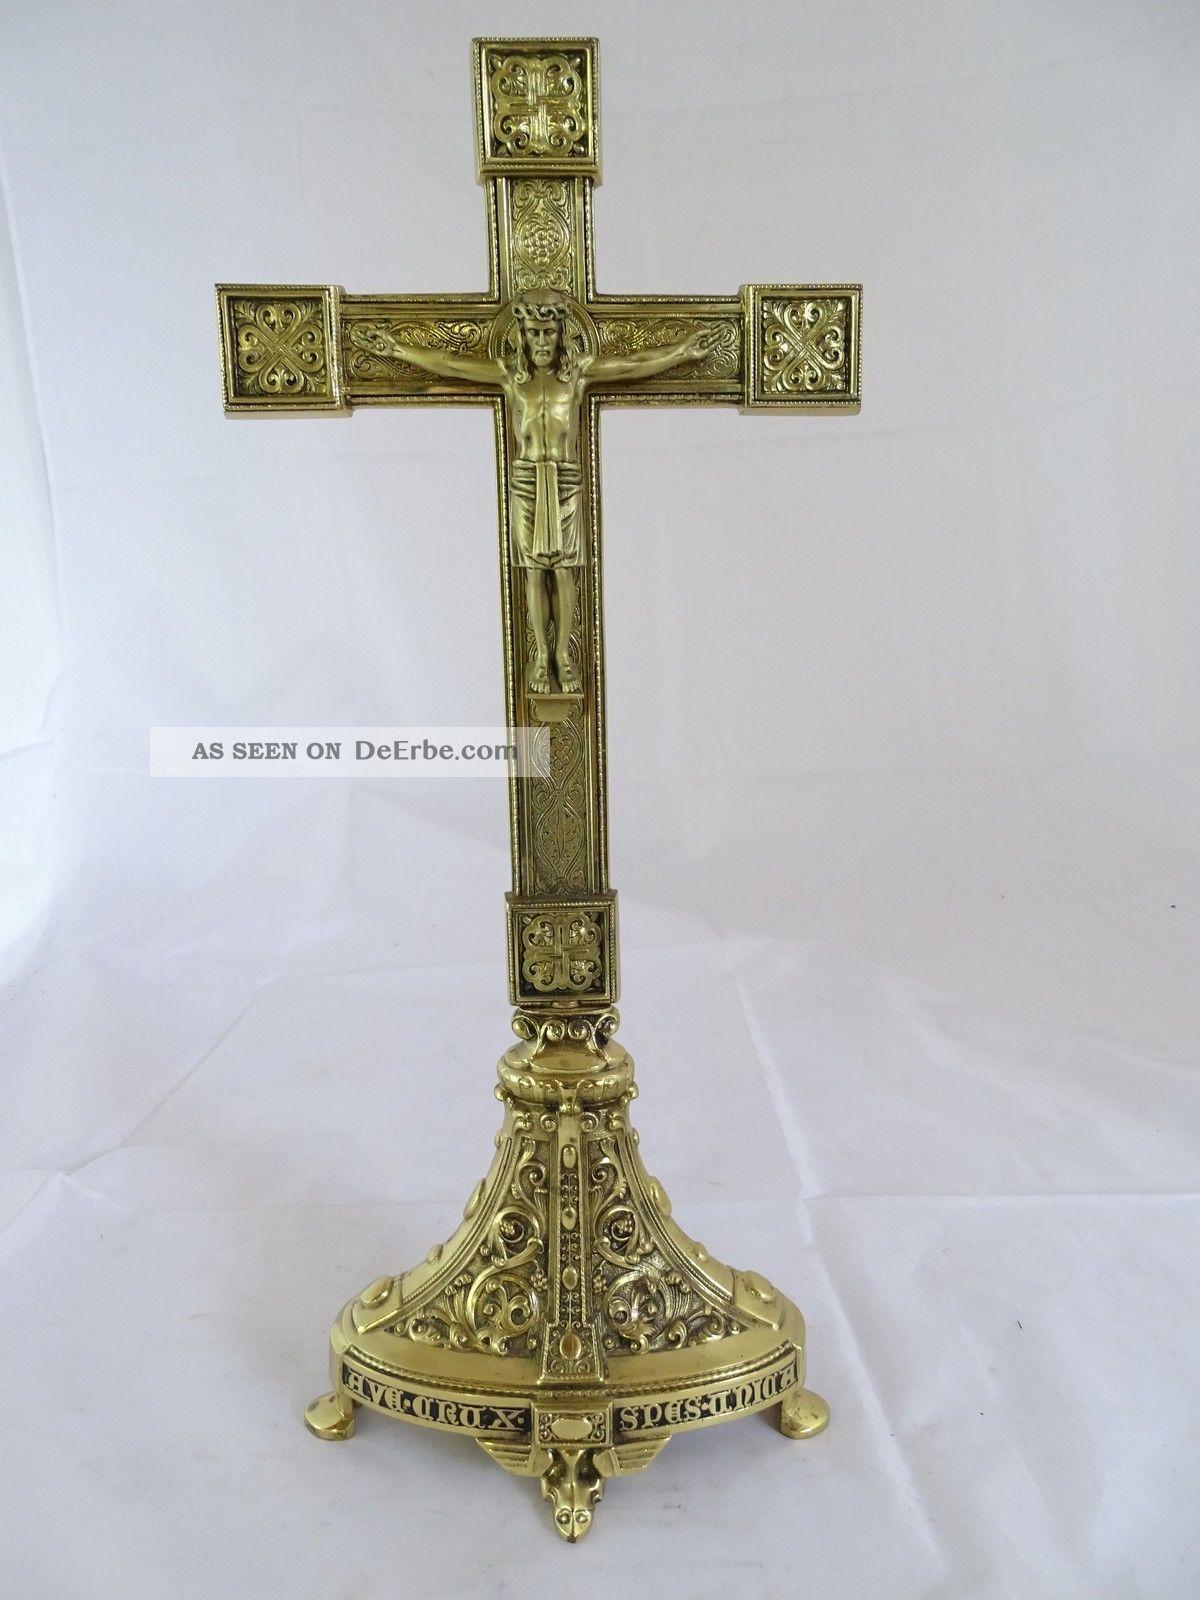 Rarität Kruzifix Inri Ausgefallene Handarbeit Wohl Erhard & Söhne Gmünd Messing 1890-1919, Jugendstil Bild